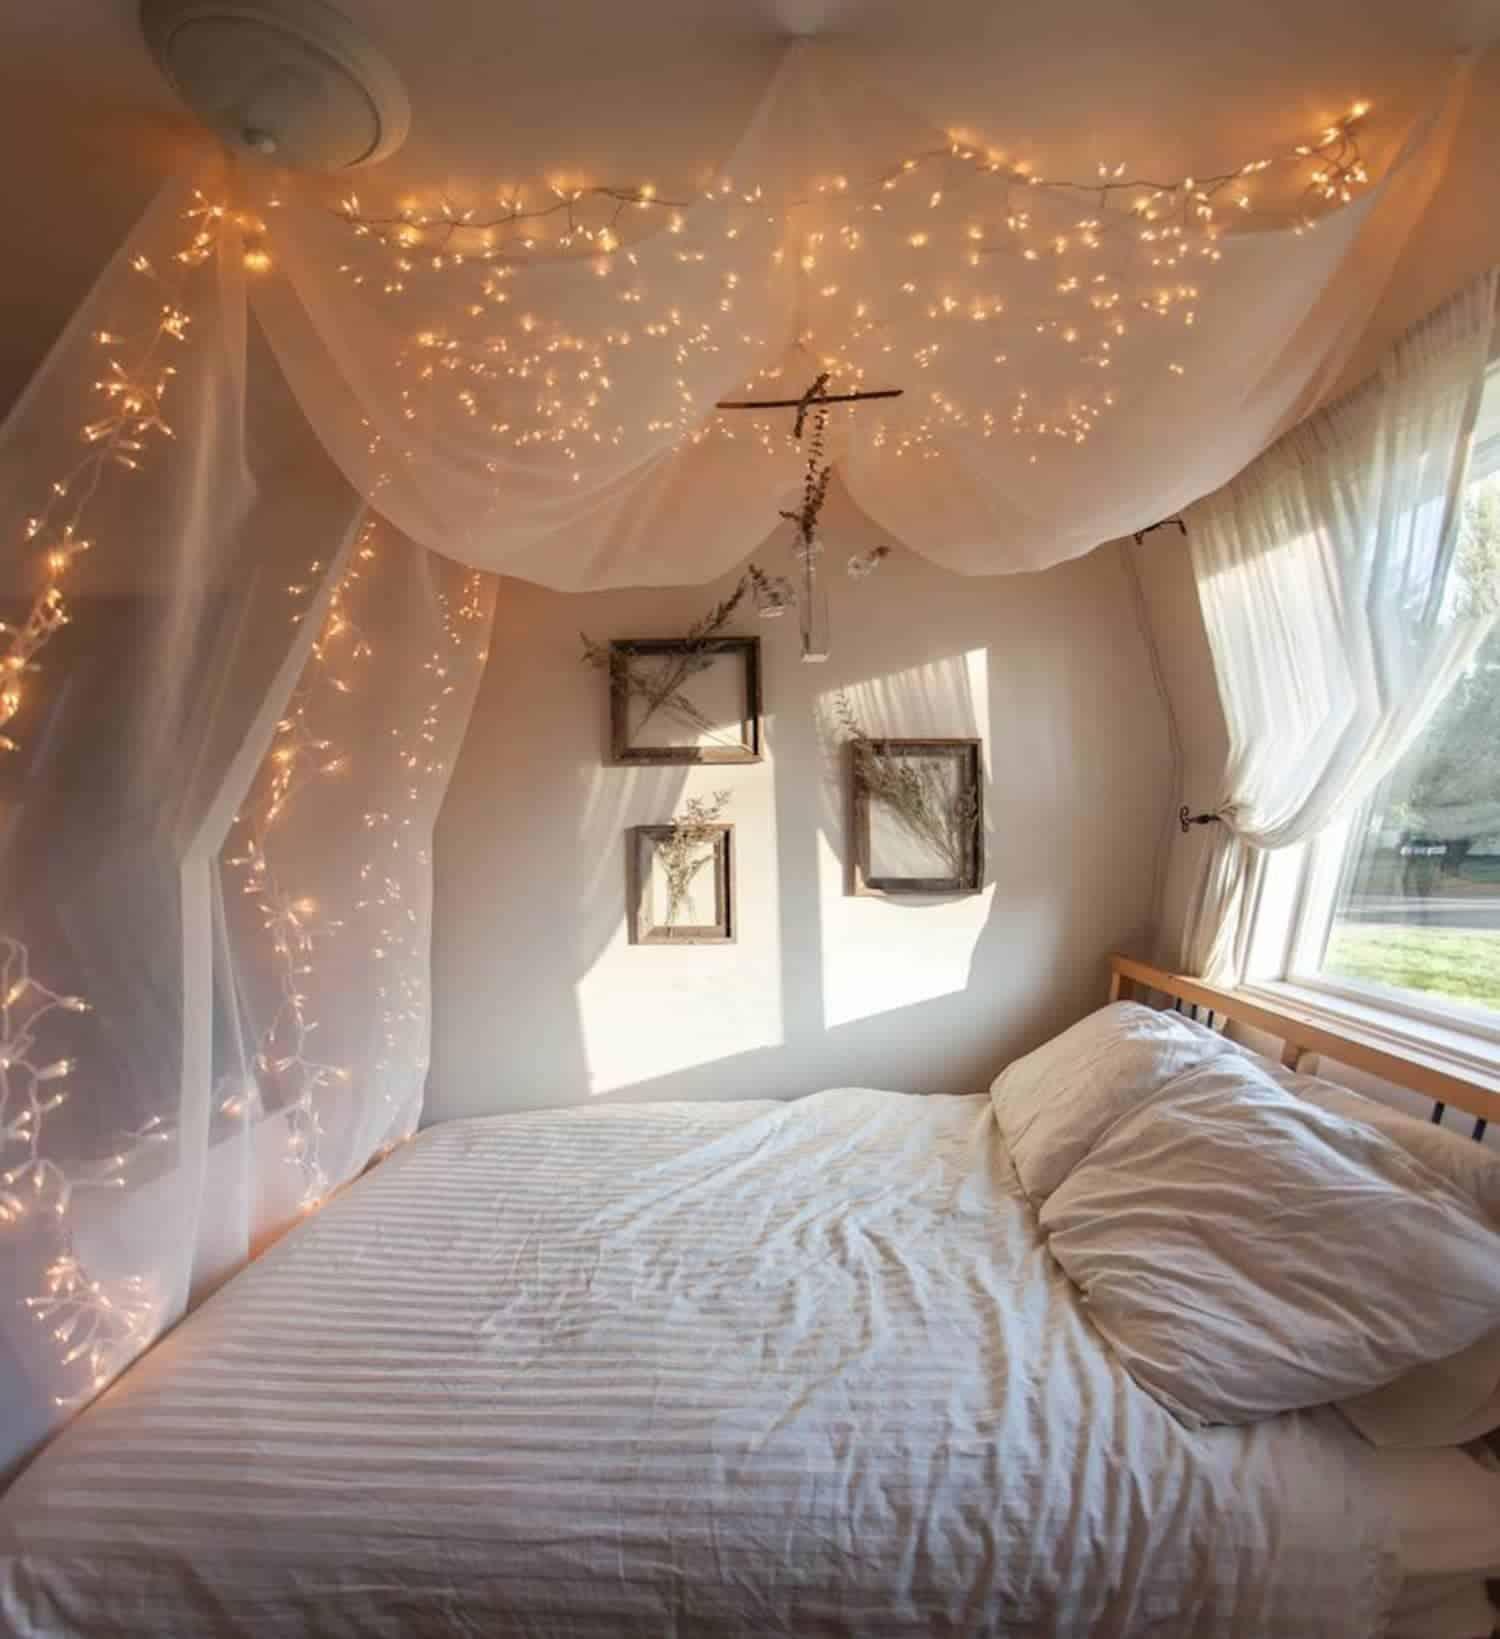 Guirlandes dans la chambre sur la canopée